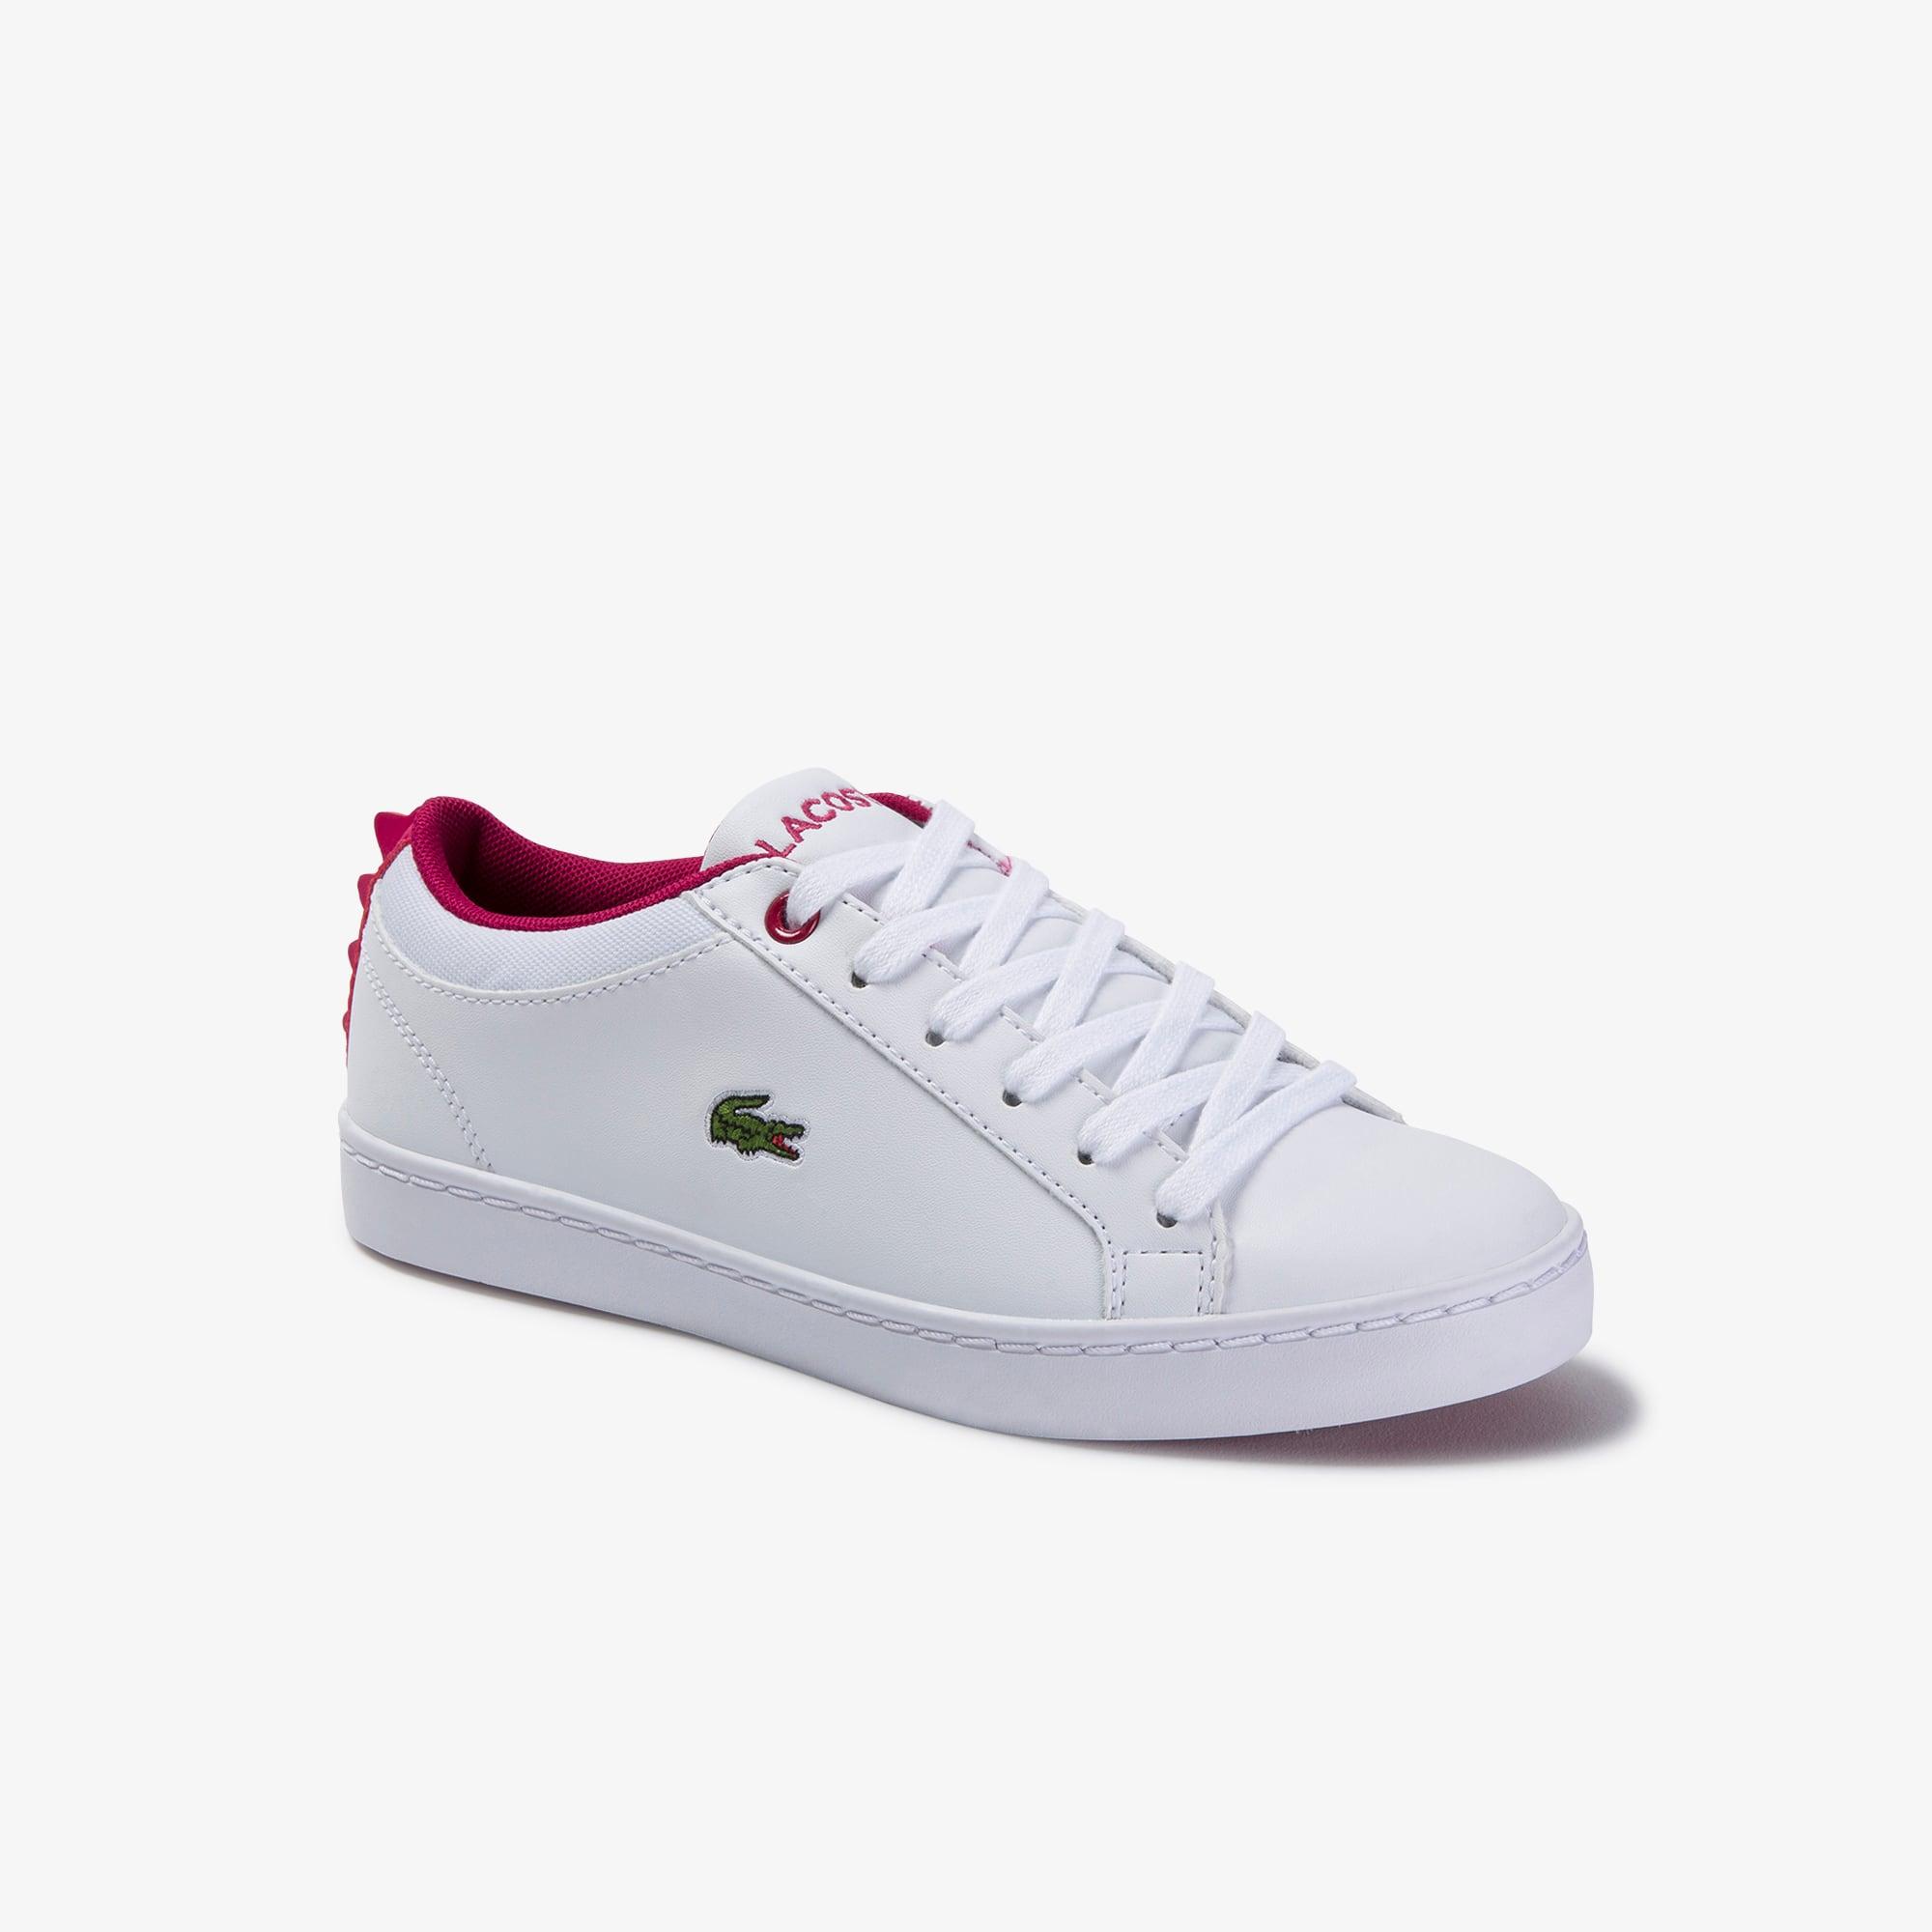 라코스테 Lacoste Childrens Straightset Lace-up Synthetic and Textile Sneakers,WHITE/DARK PINK • 1T4